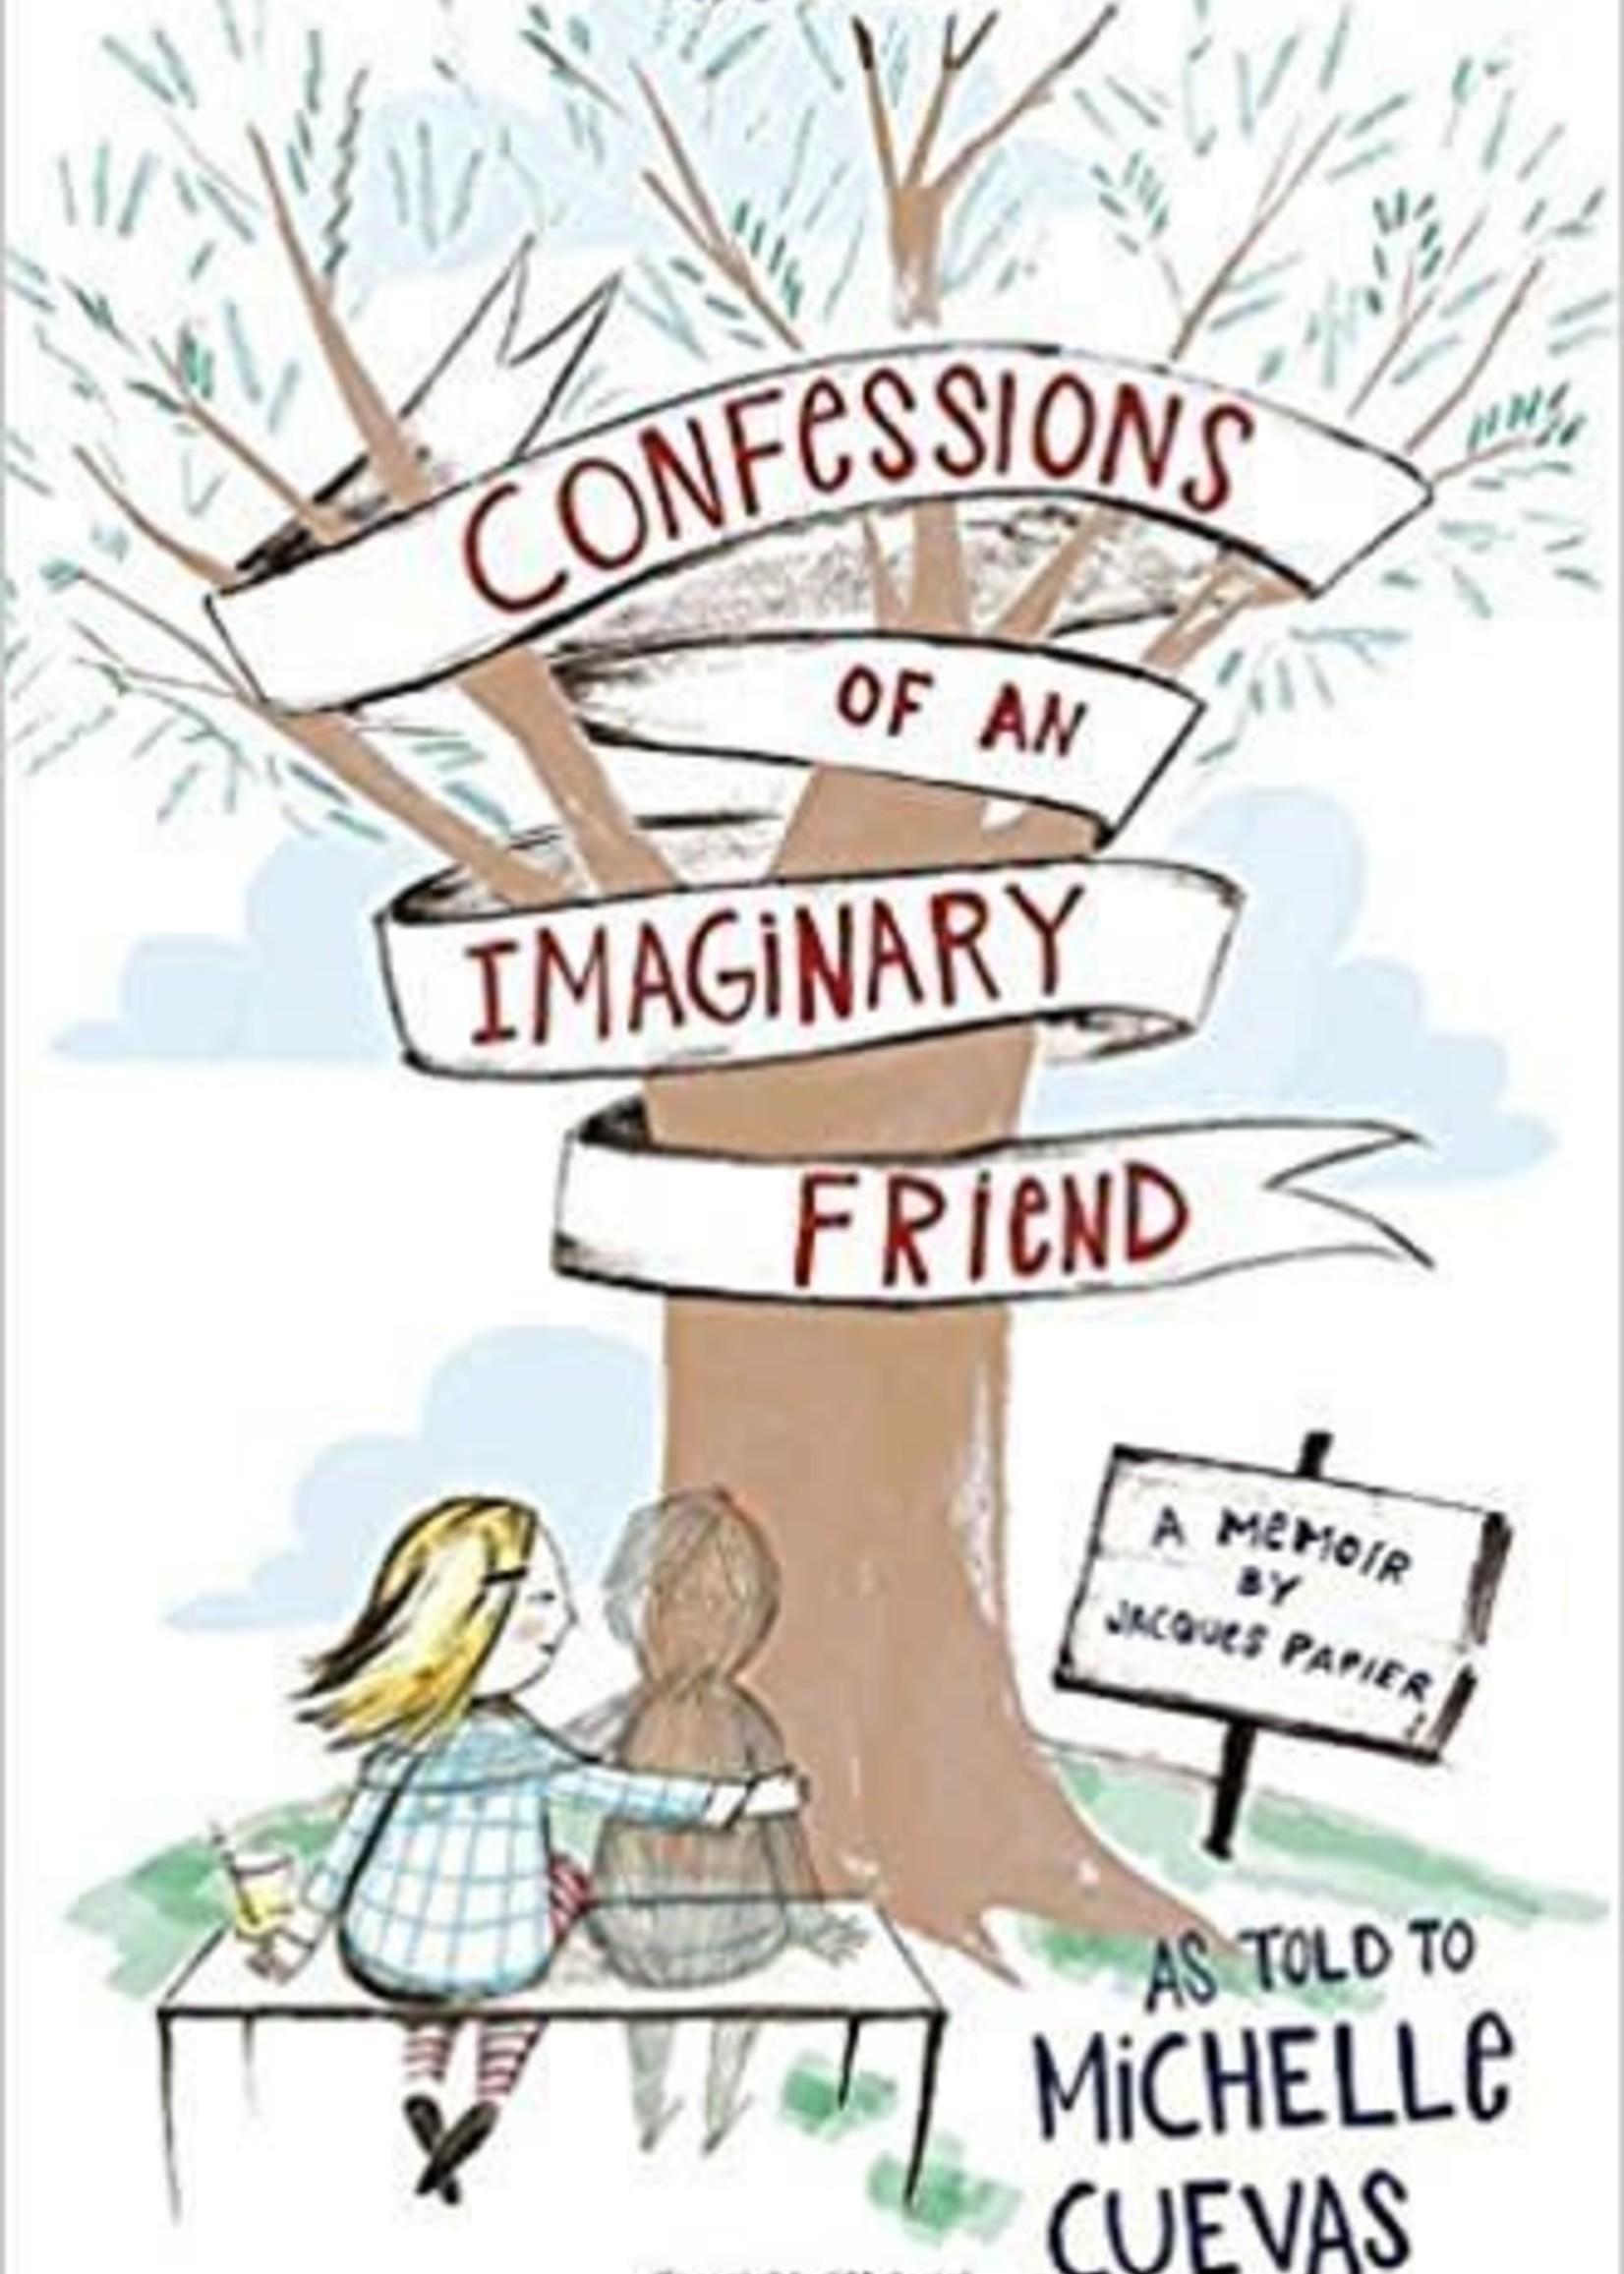 Penguin Random House Confessions of an Imaginary Friend, A Memoir by Jacques Papier - PB